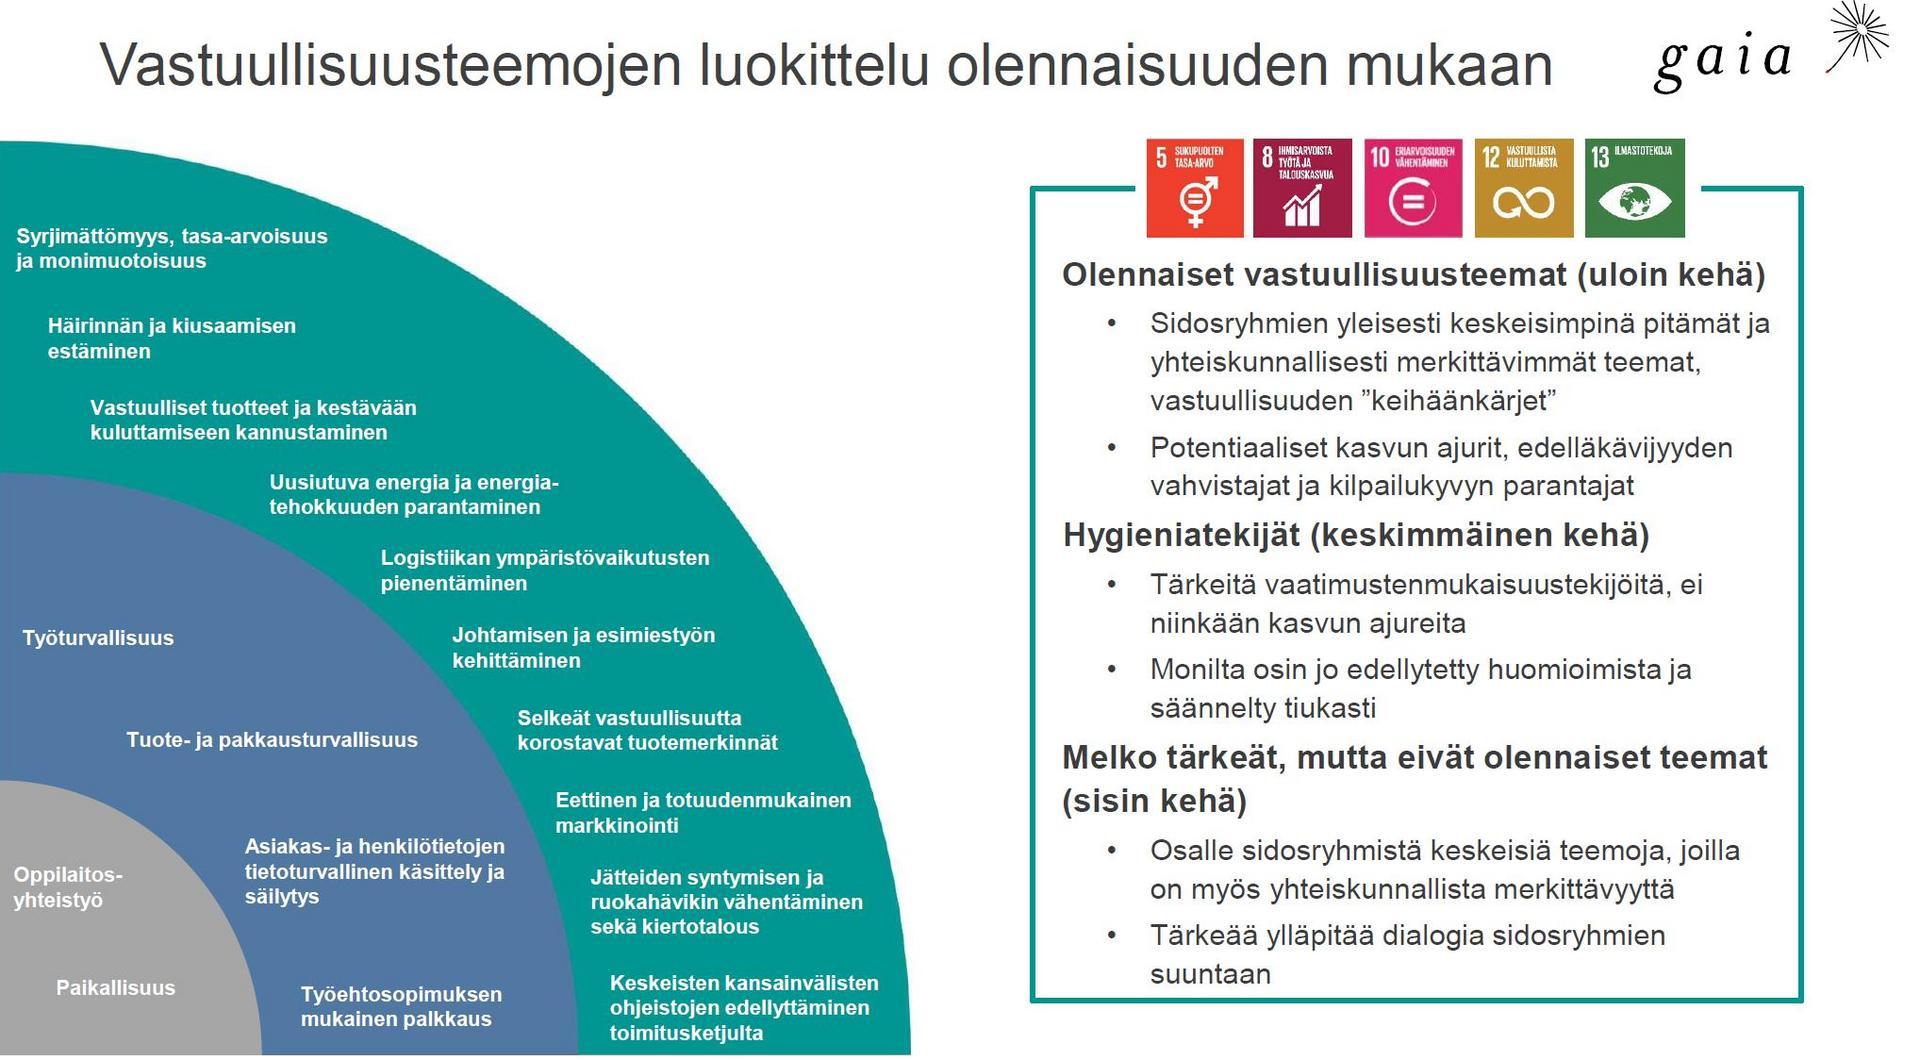 Olennaisia, uloimman kehän vastuullisuusteemoja ovat syrjimättömyys, tasa-arvoisuus ja monimuotoisuus, häirinnän ja kiusaamisen estäminen, vastuulliset tuotteet ja kestävään kuluttamiseen kannustaminen, uusiutuva energia ja energiatehokkuuden parantaminen, logistiikan ympäristövaikutusten pienentäminen, johtamisen ja esimiestyön kehittäminen, selkeät vastuullisuutta korostavat tuotemerkinnät, eettinen ja totuudenmukainen markkinointi, jätteiden syntymisen ja ruokahävikin vähentäminen sekä kiertotalous ja keskeisten kansainvälisten ohjeistojen edellyttäminen toimitusketjulta.